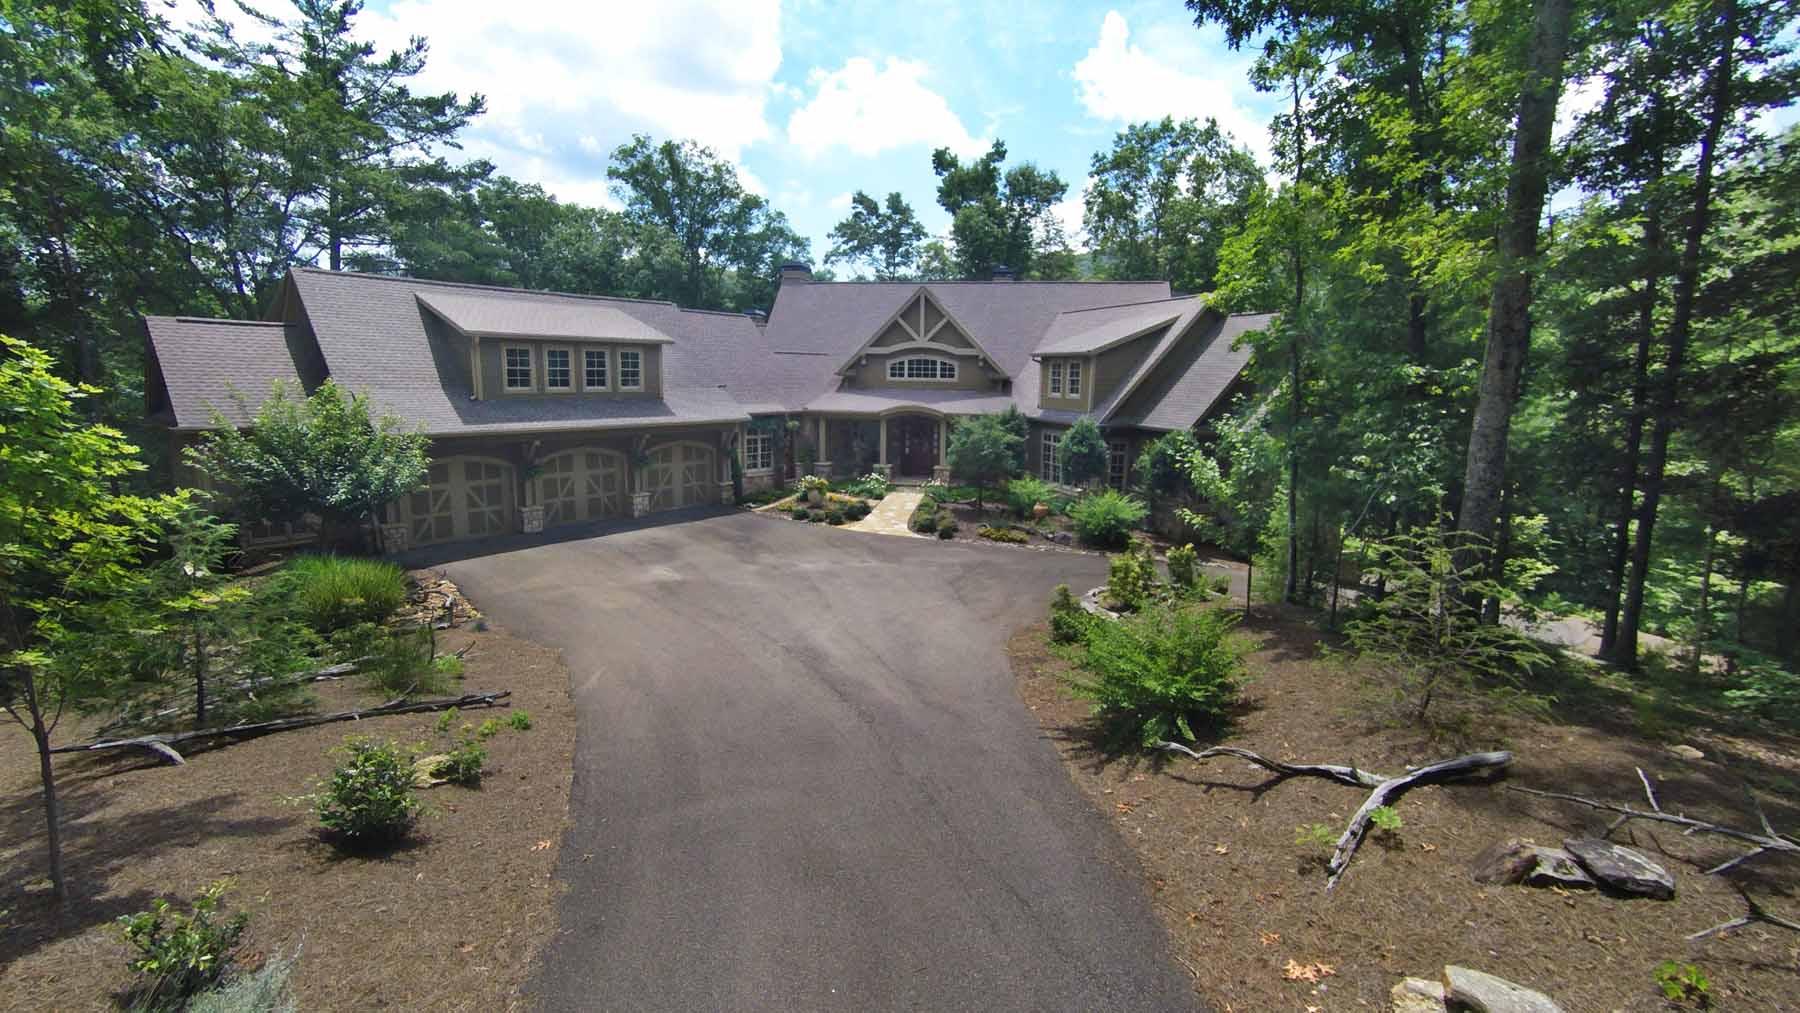 Maison unifamiliale pour l Vente à Retreat to the Extraordinary 928 Black Bear Trail Big Canoe, Georgia 30143 États-Unis